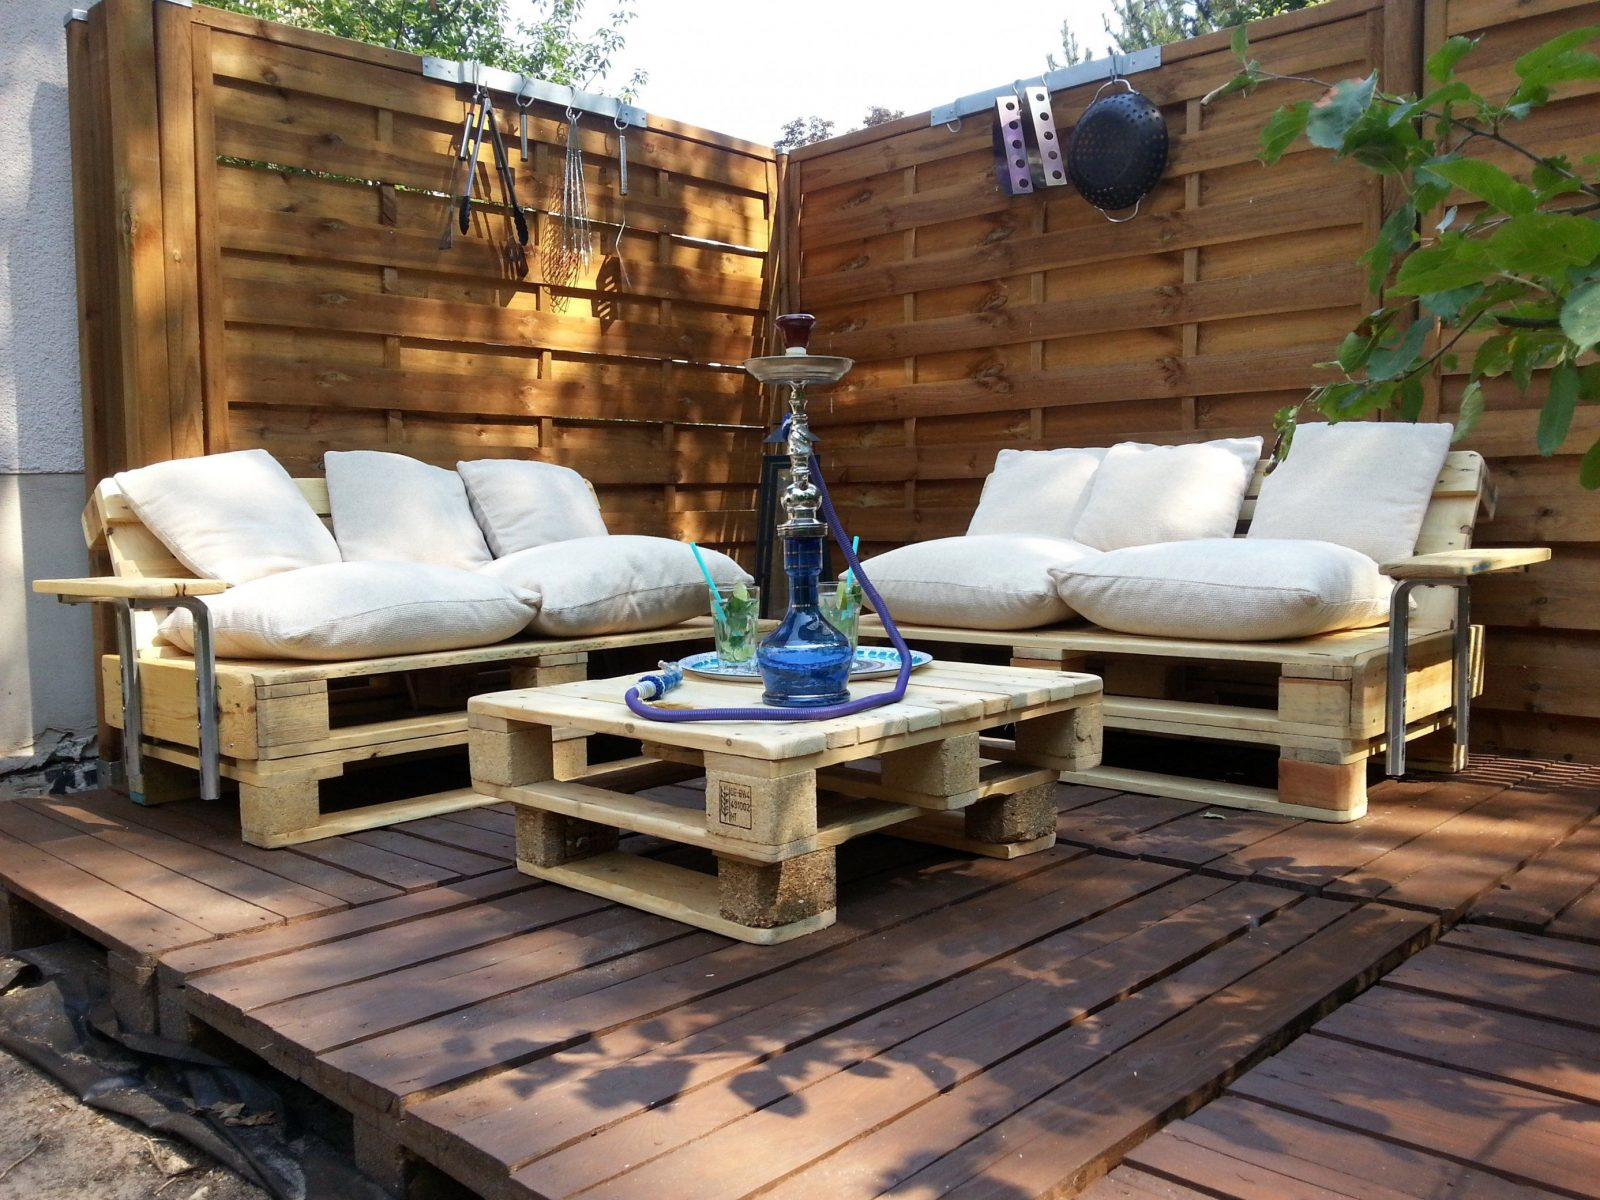 Wunderschöne Gartenlounge Selber Bauen Lounge Ecke Garten Selber von Lounge Ecke Selber Bauen Bild